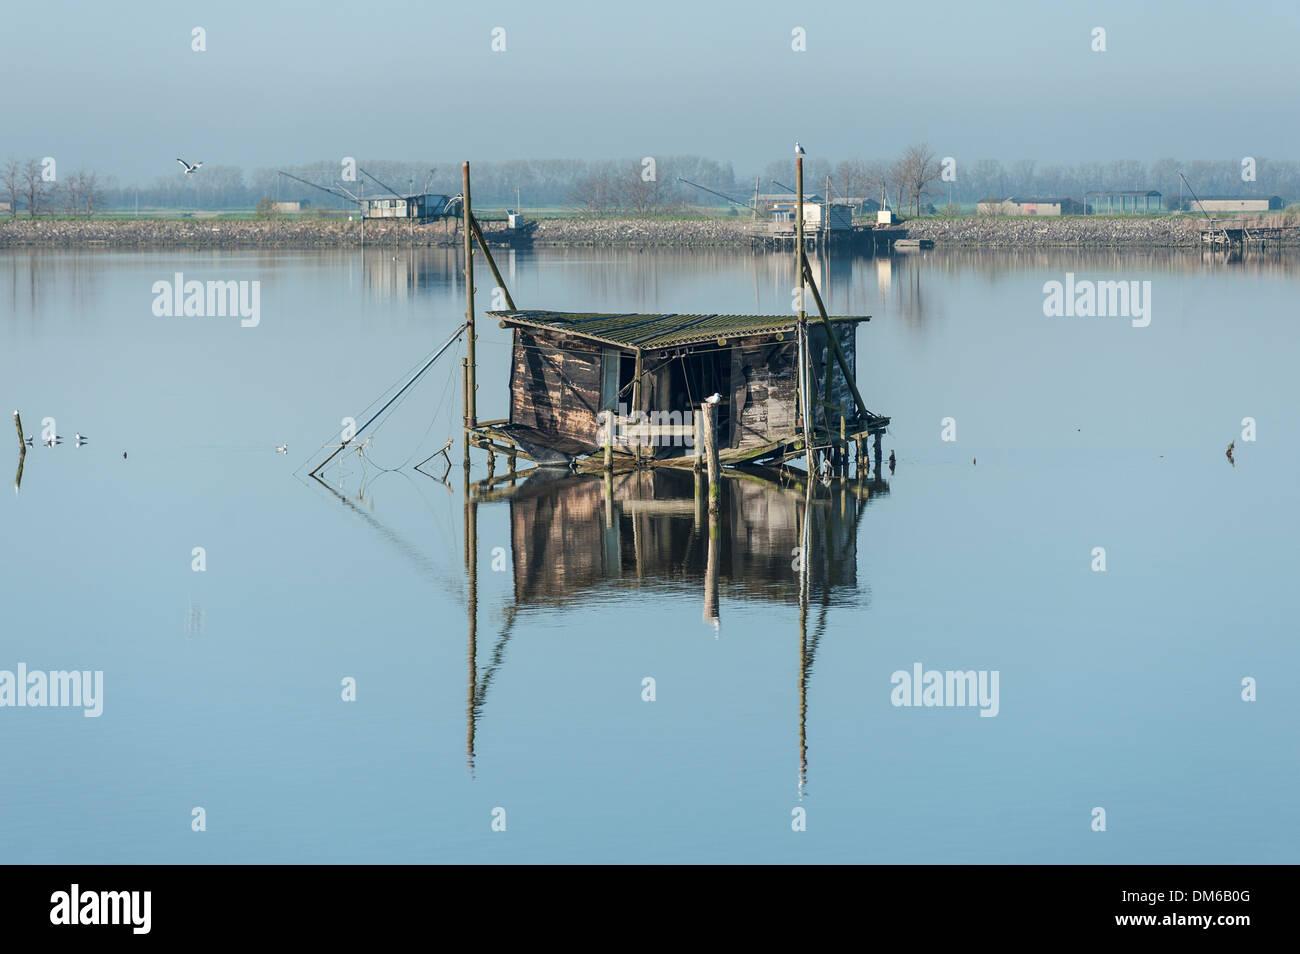 Cabane de pêche délabré dans une lagune, avec des réflexions, Delta du Pô, Comacchio, Emilia-Romagna, Italie Photo Stock